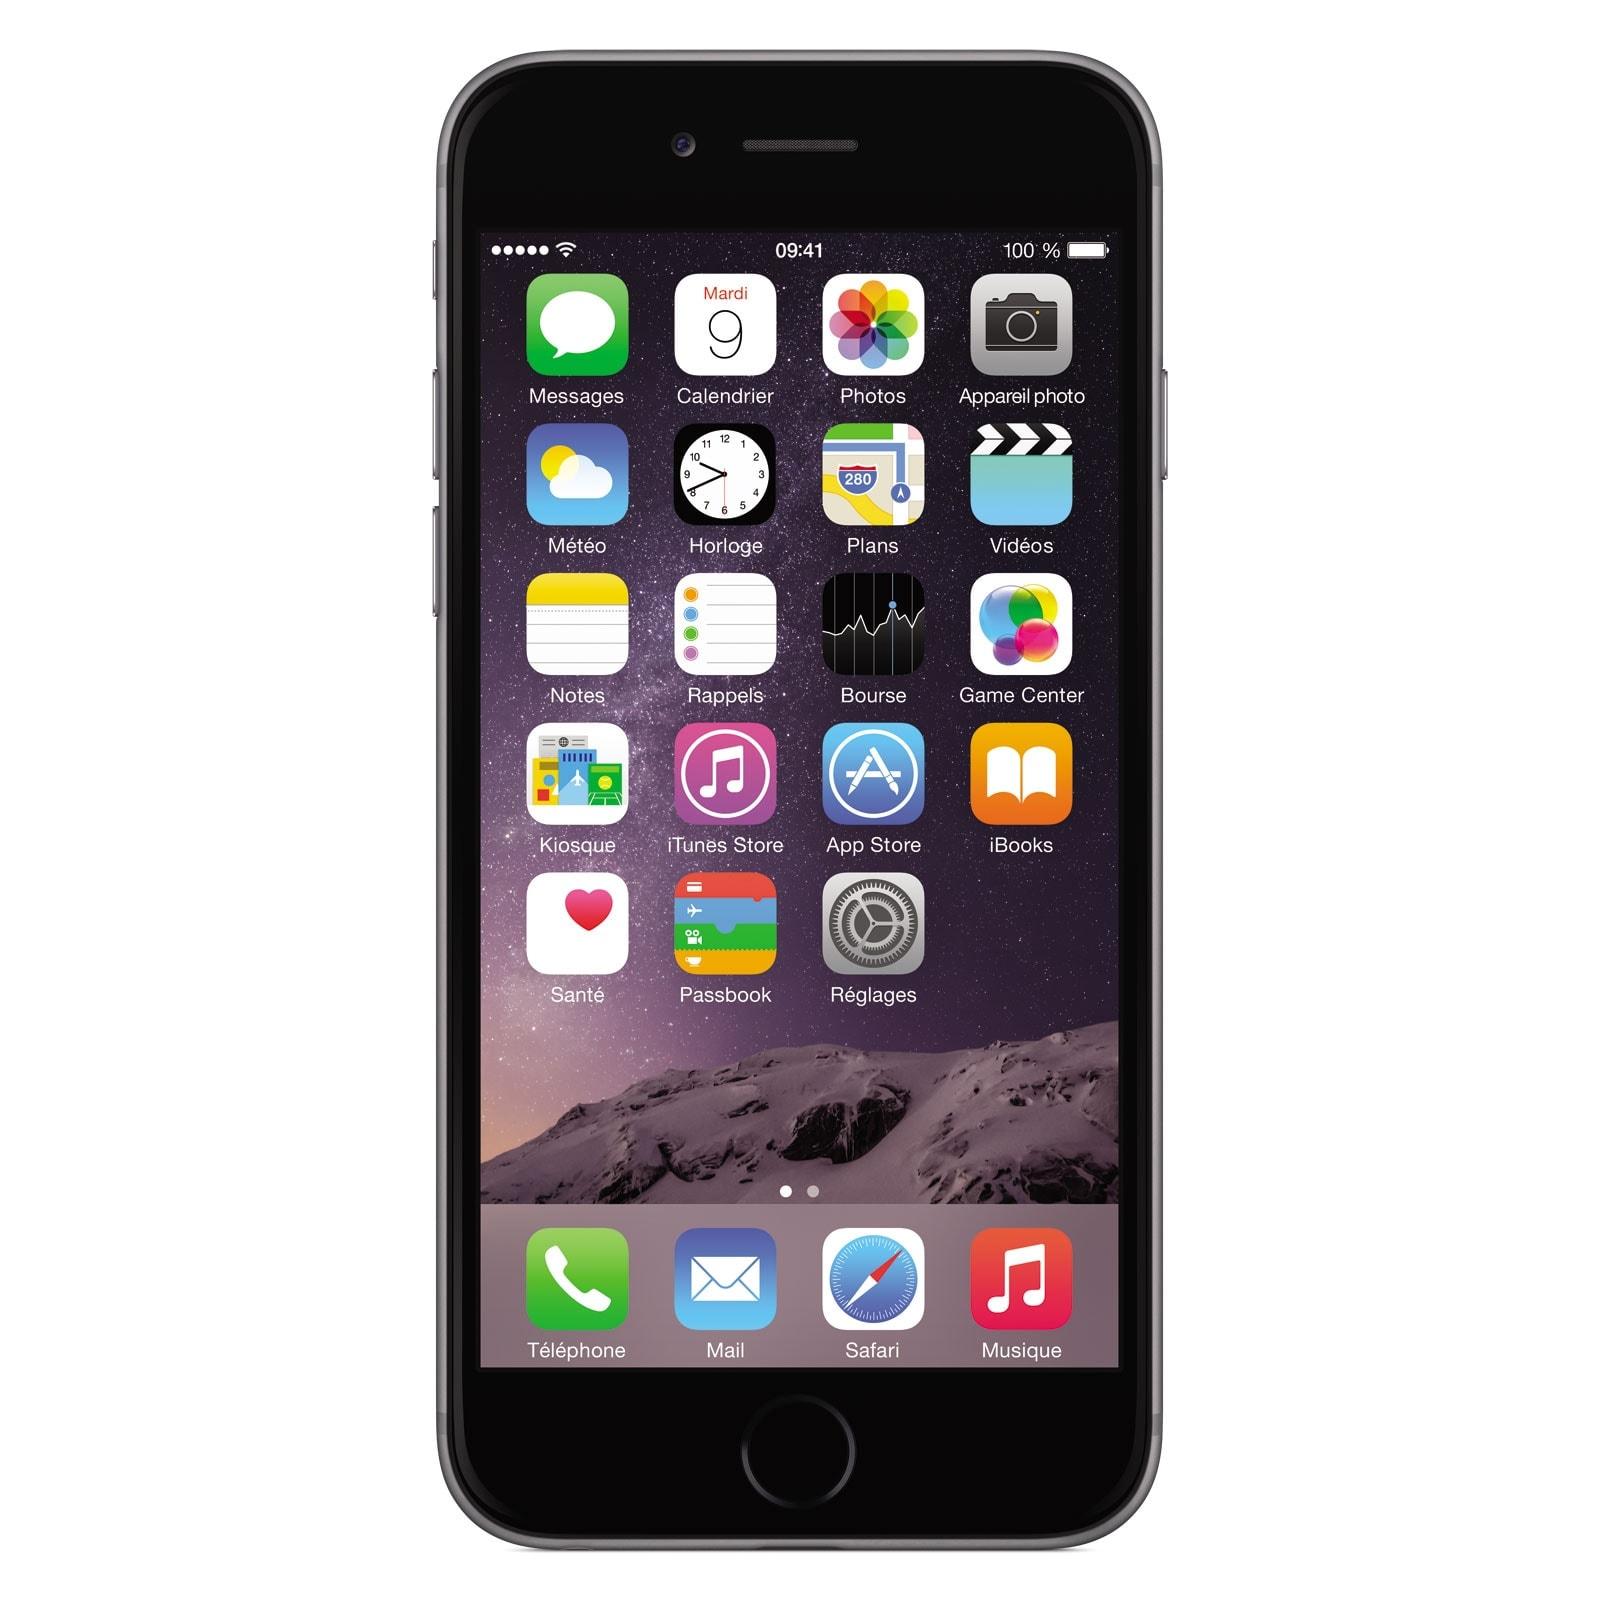 Apple iPhone 6 16Go Gris Sidéral (MG472ZD/A) - Achat / Vente Téléphonie sur Cybertek.fr - 1